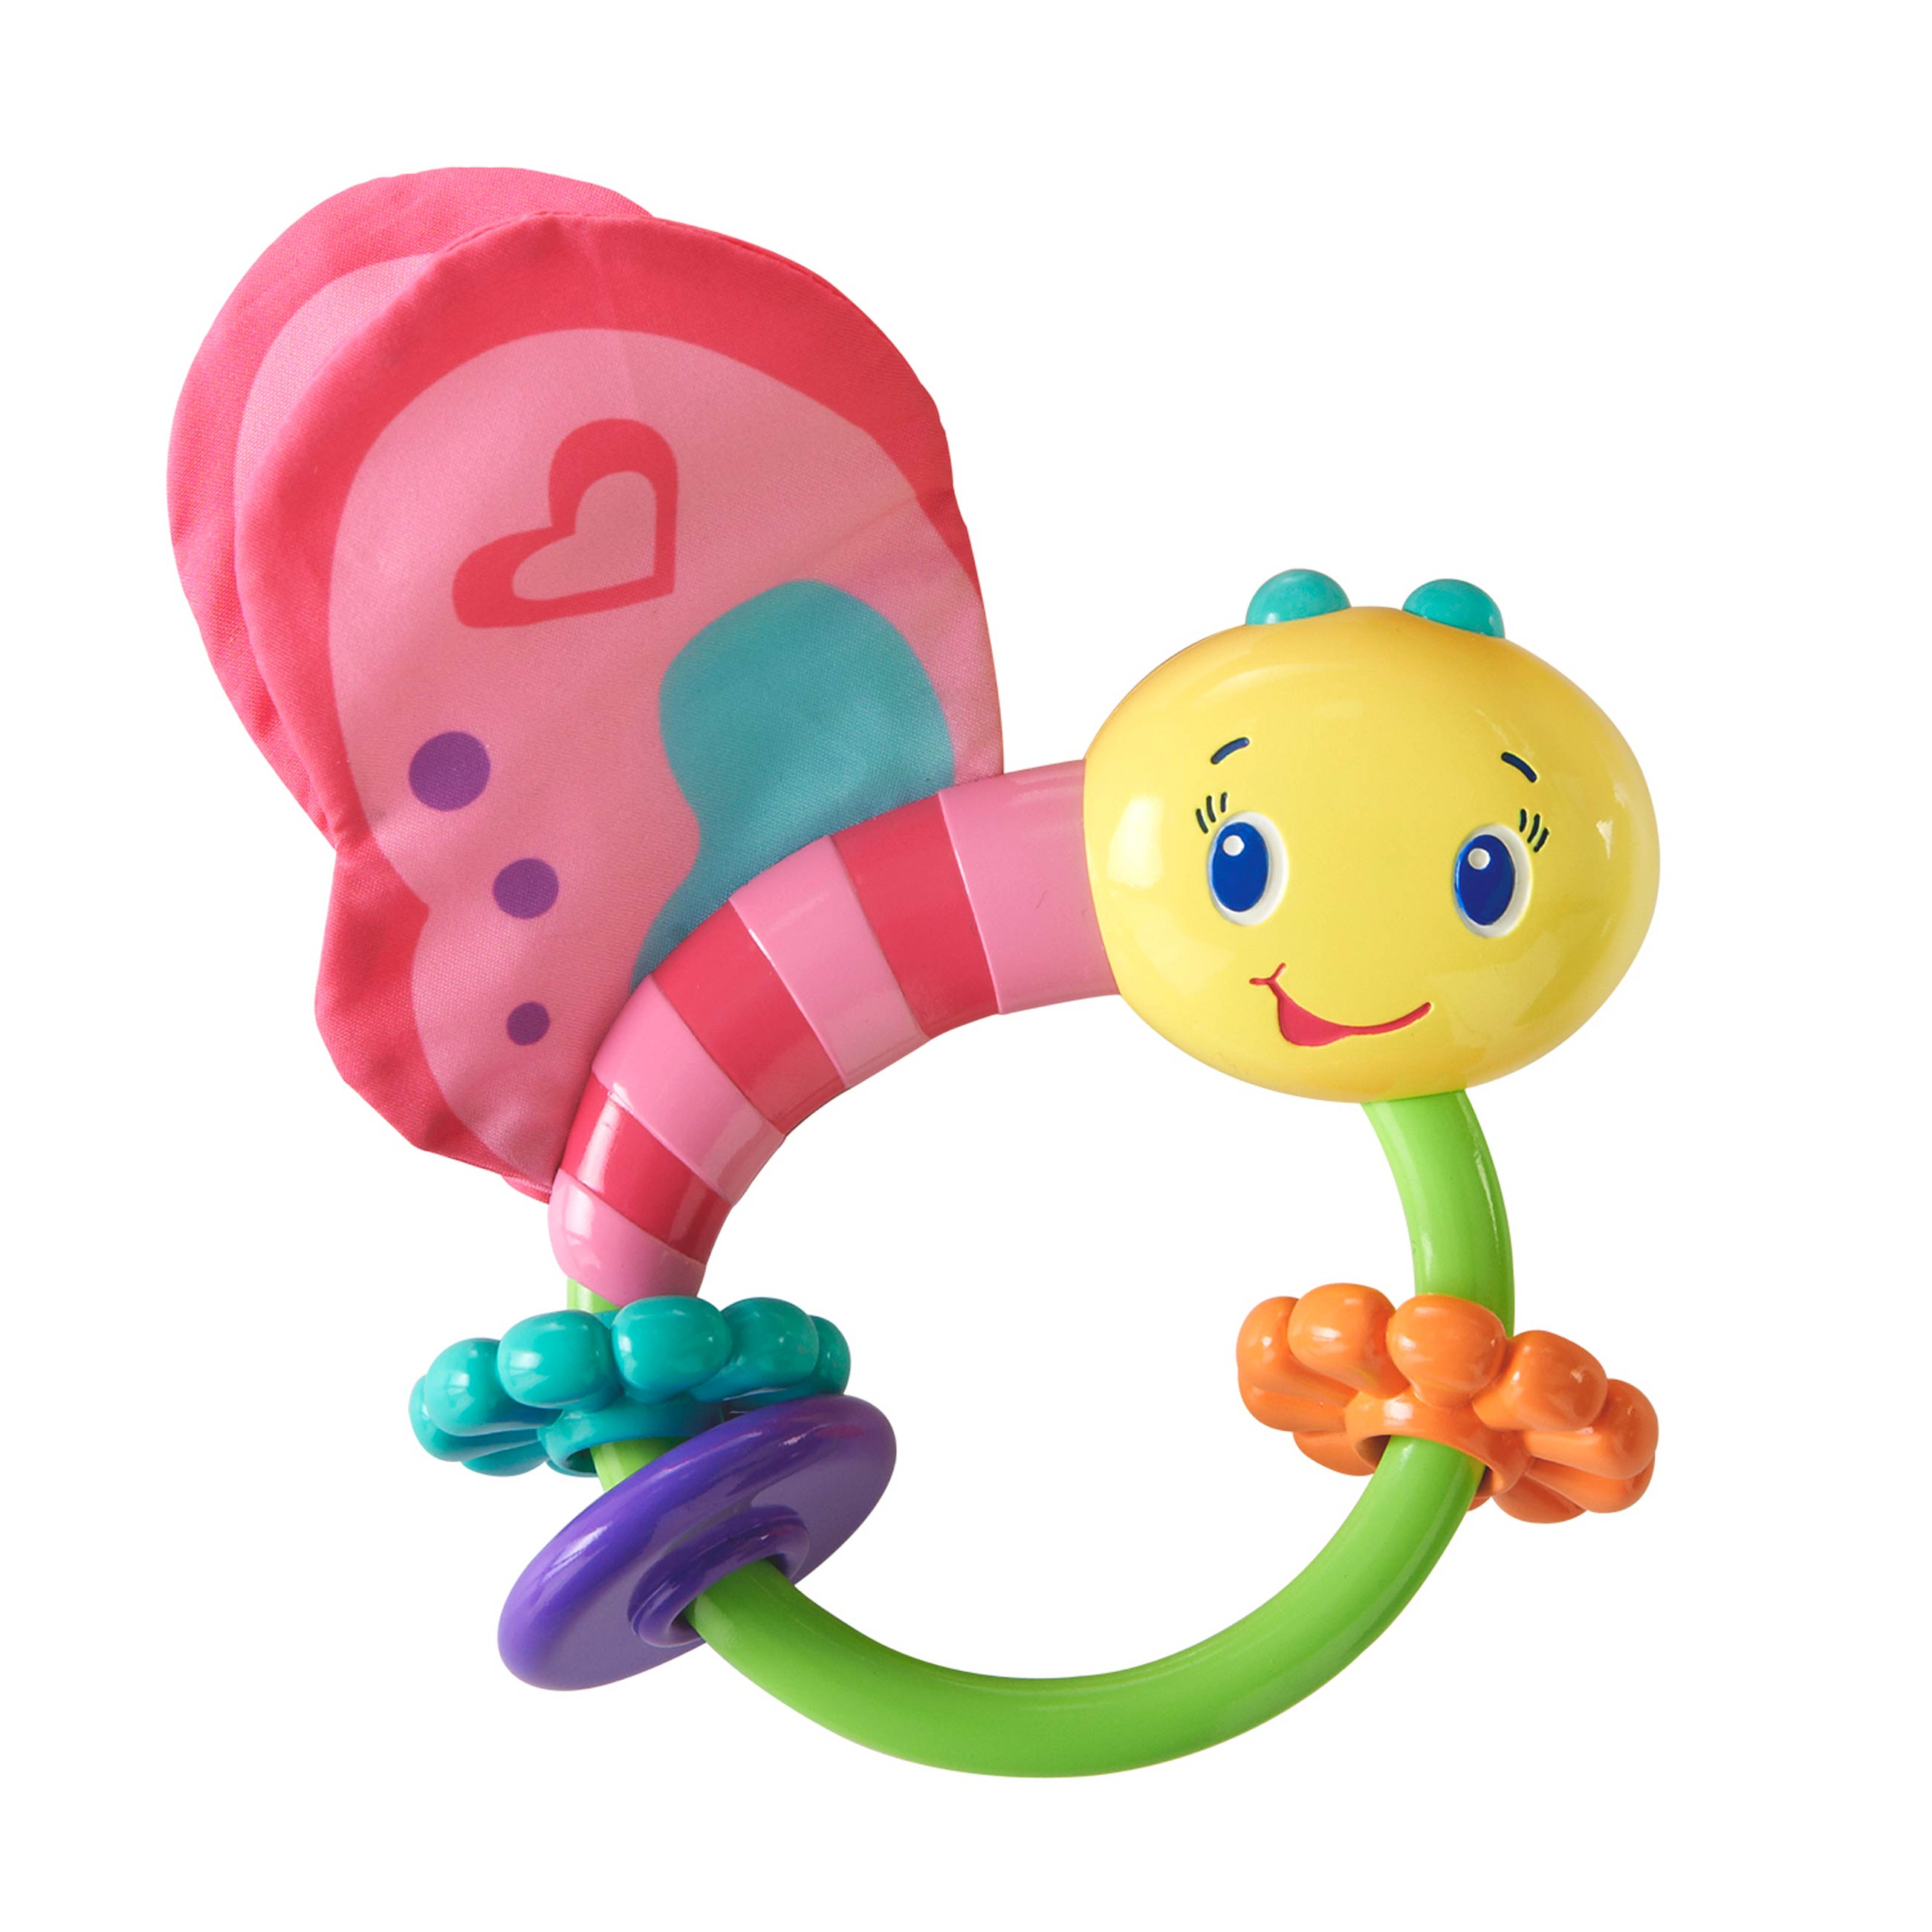 Развивающая игрушка-погремушка «Розовая бабочка»Детские погремушки и подвесные игрушки на кроватку<br>Развивающая игрушка-погремушка «Розовая бабочка»<br>